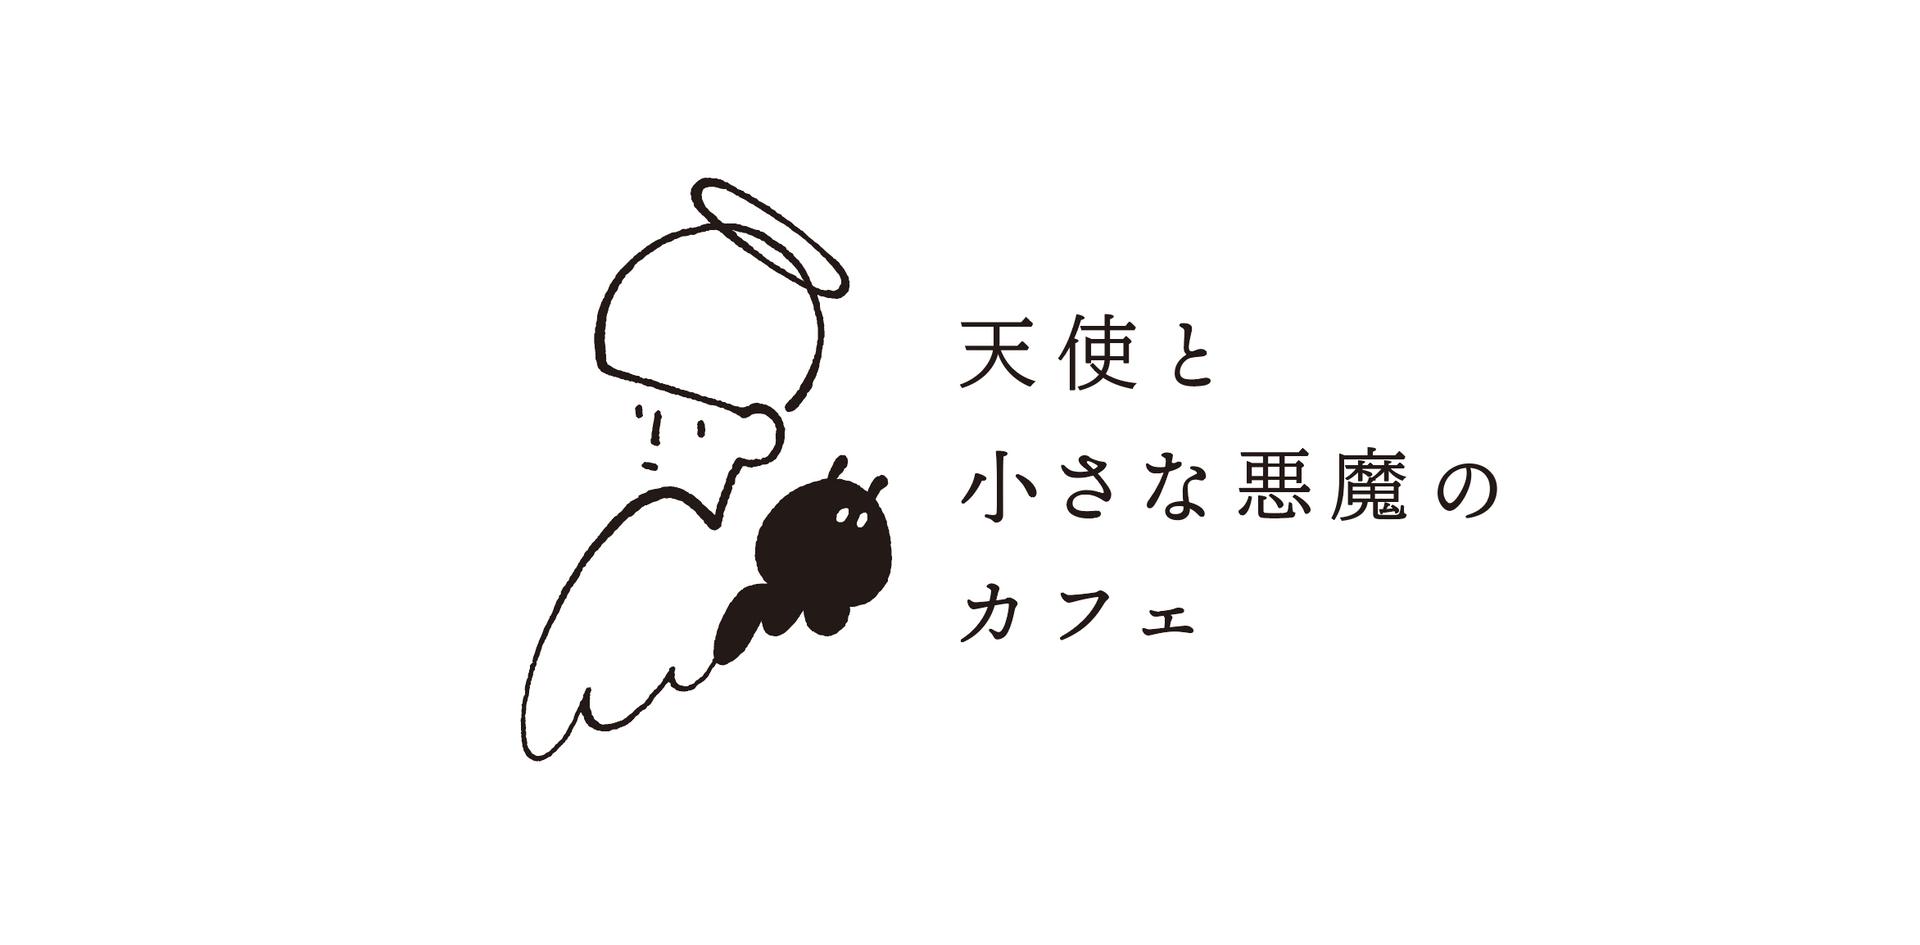 スクリーンショット 2021-01-02 18.57.44.png